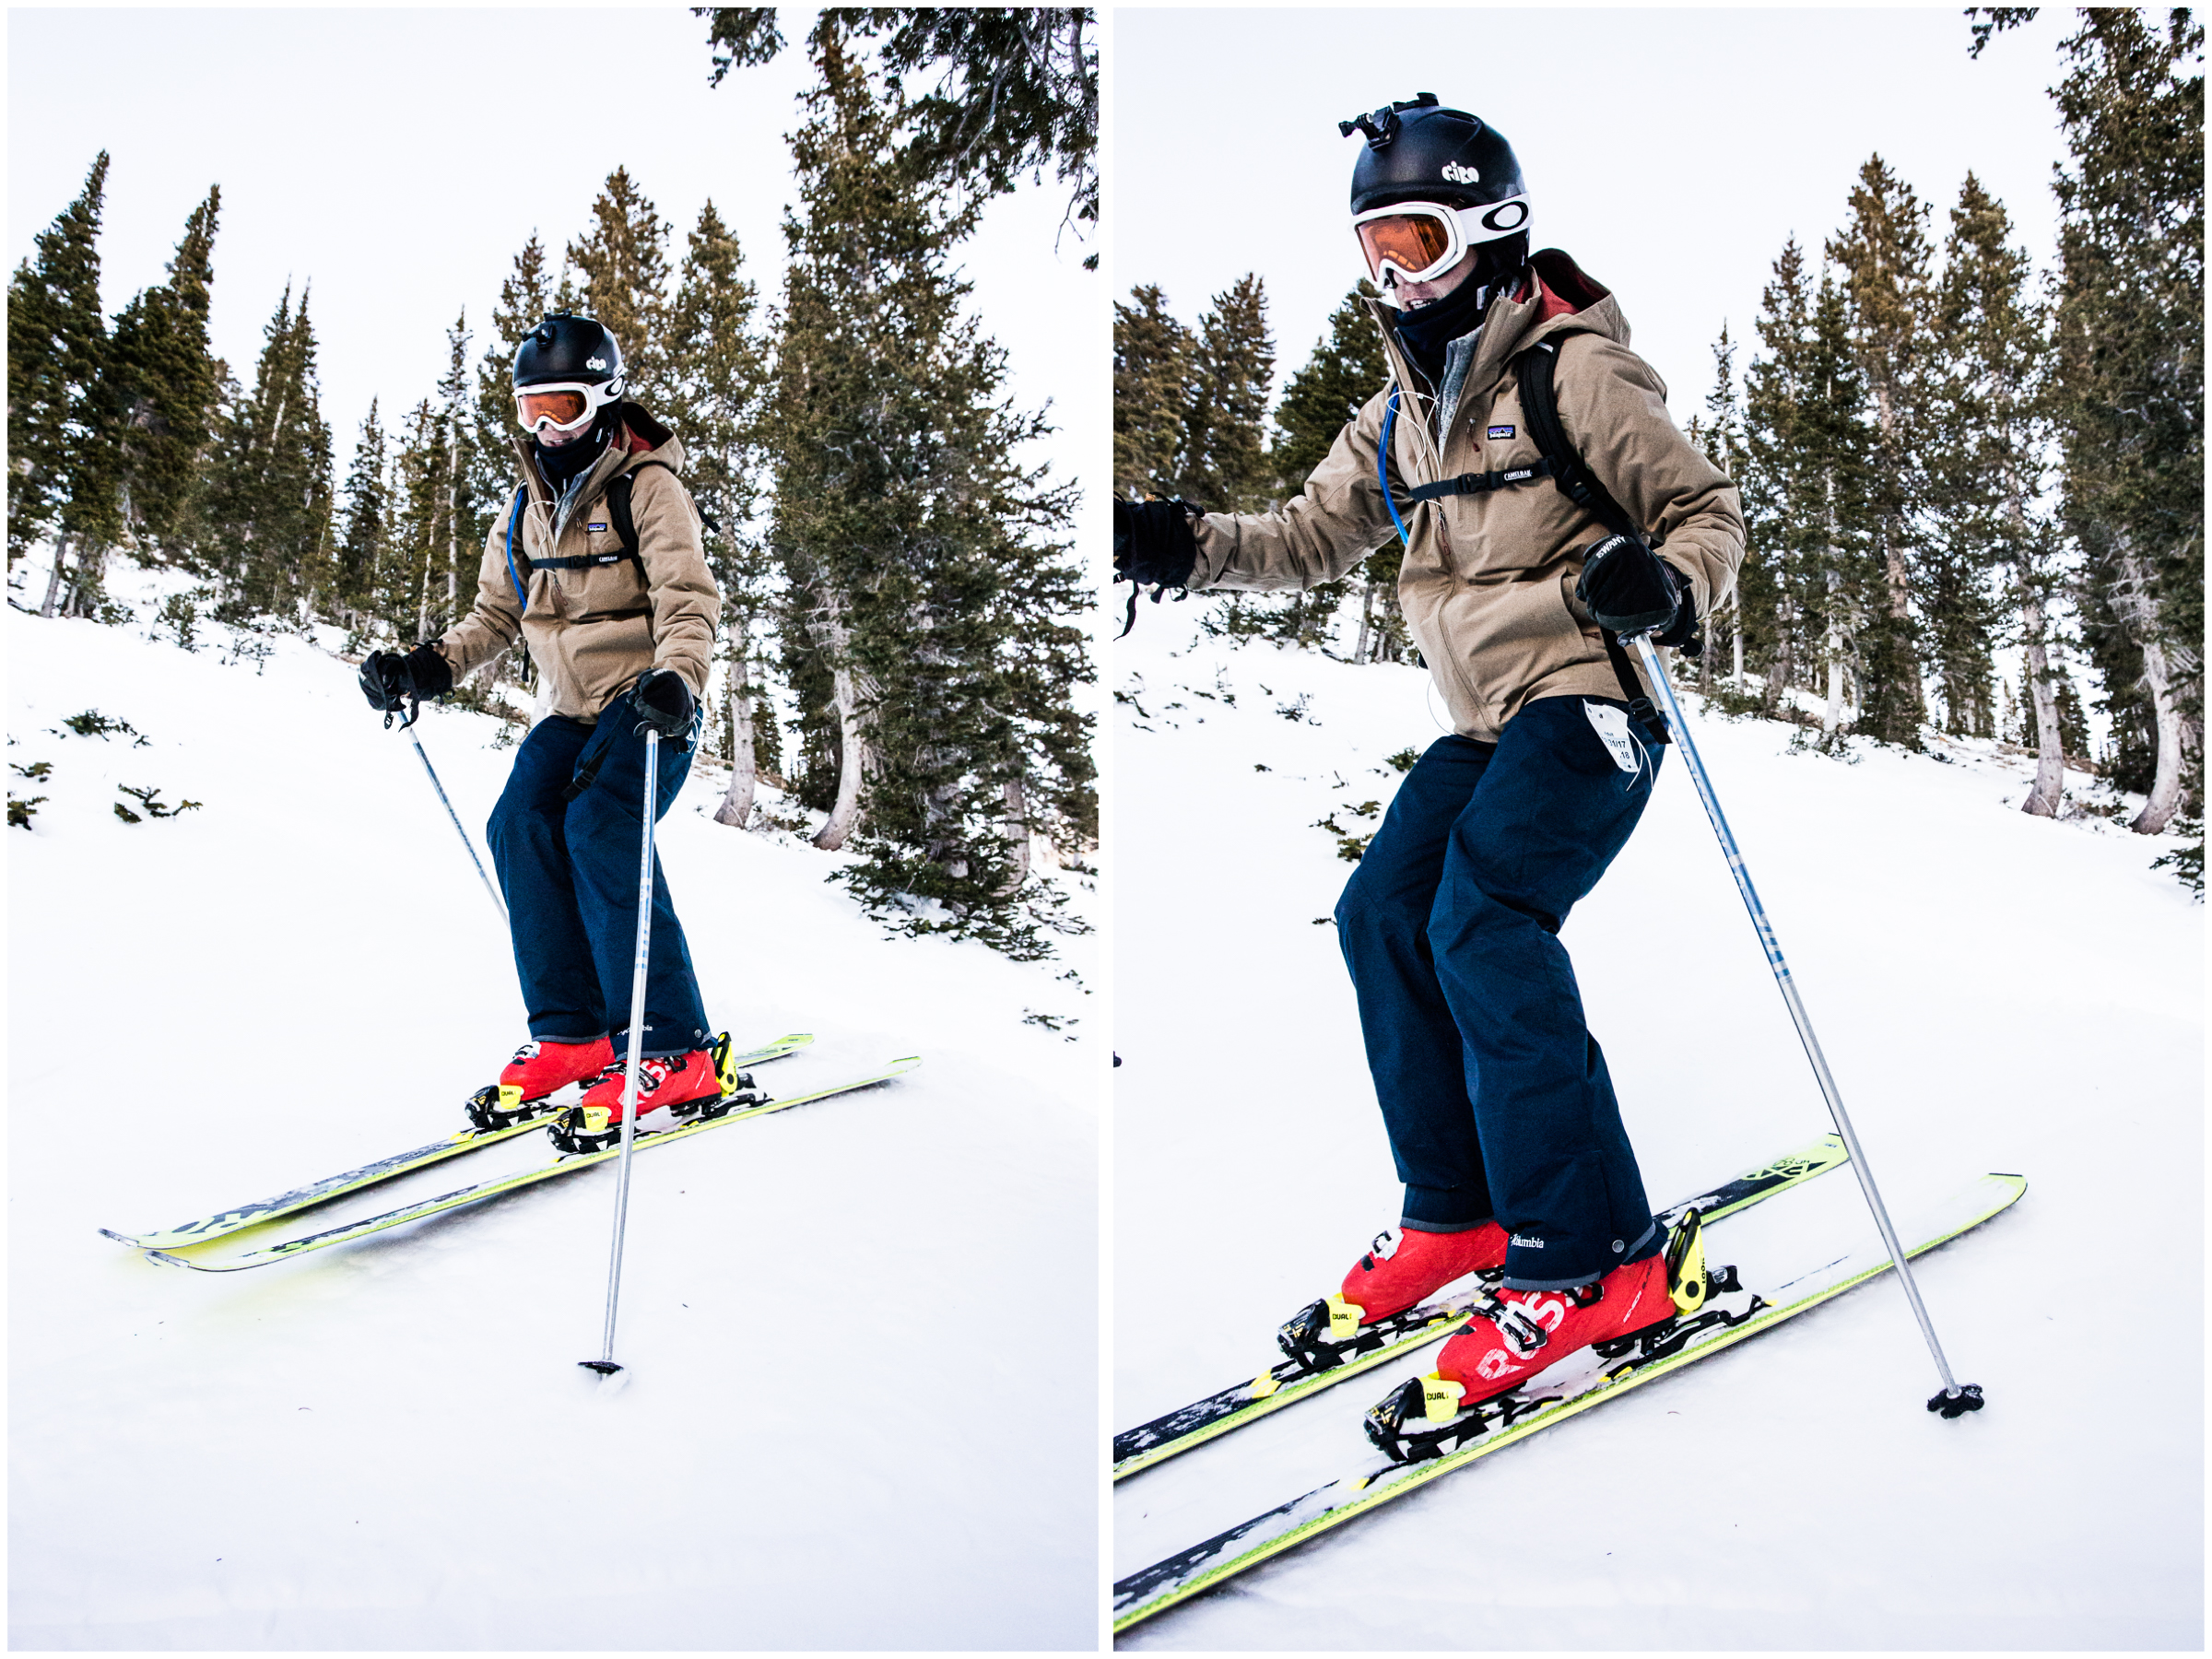 Ross_skiing.jpg